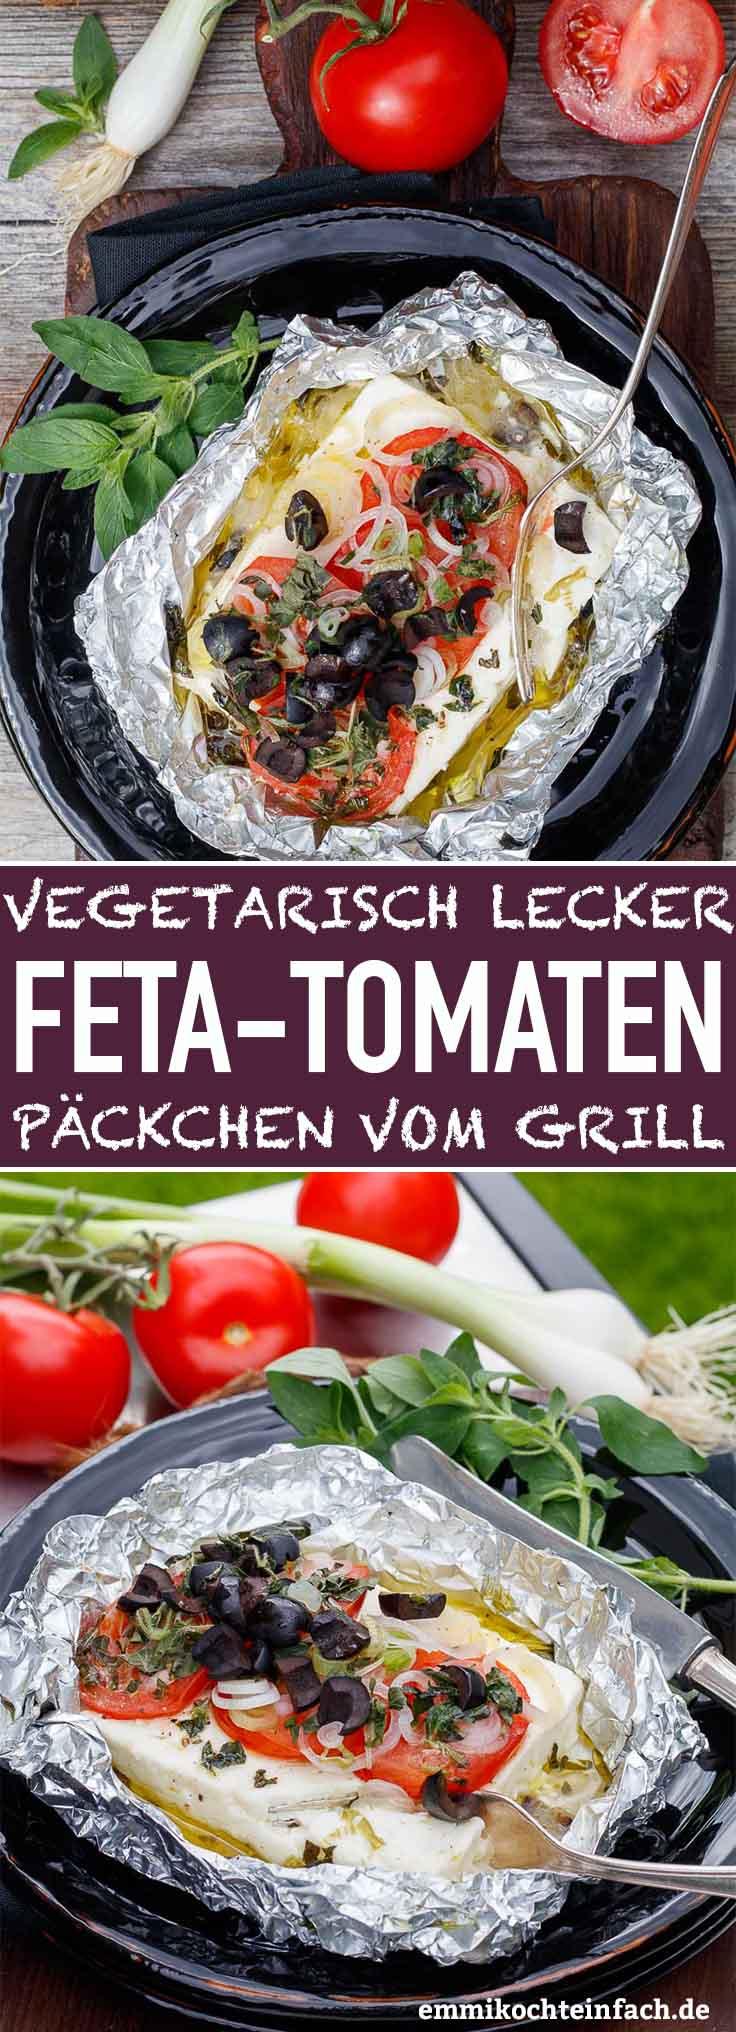 Vegetarisch lecker - Feta-Tomaten-Päckchen vom Grill - www.emmikochteinfach.de